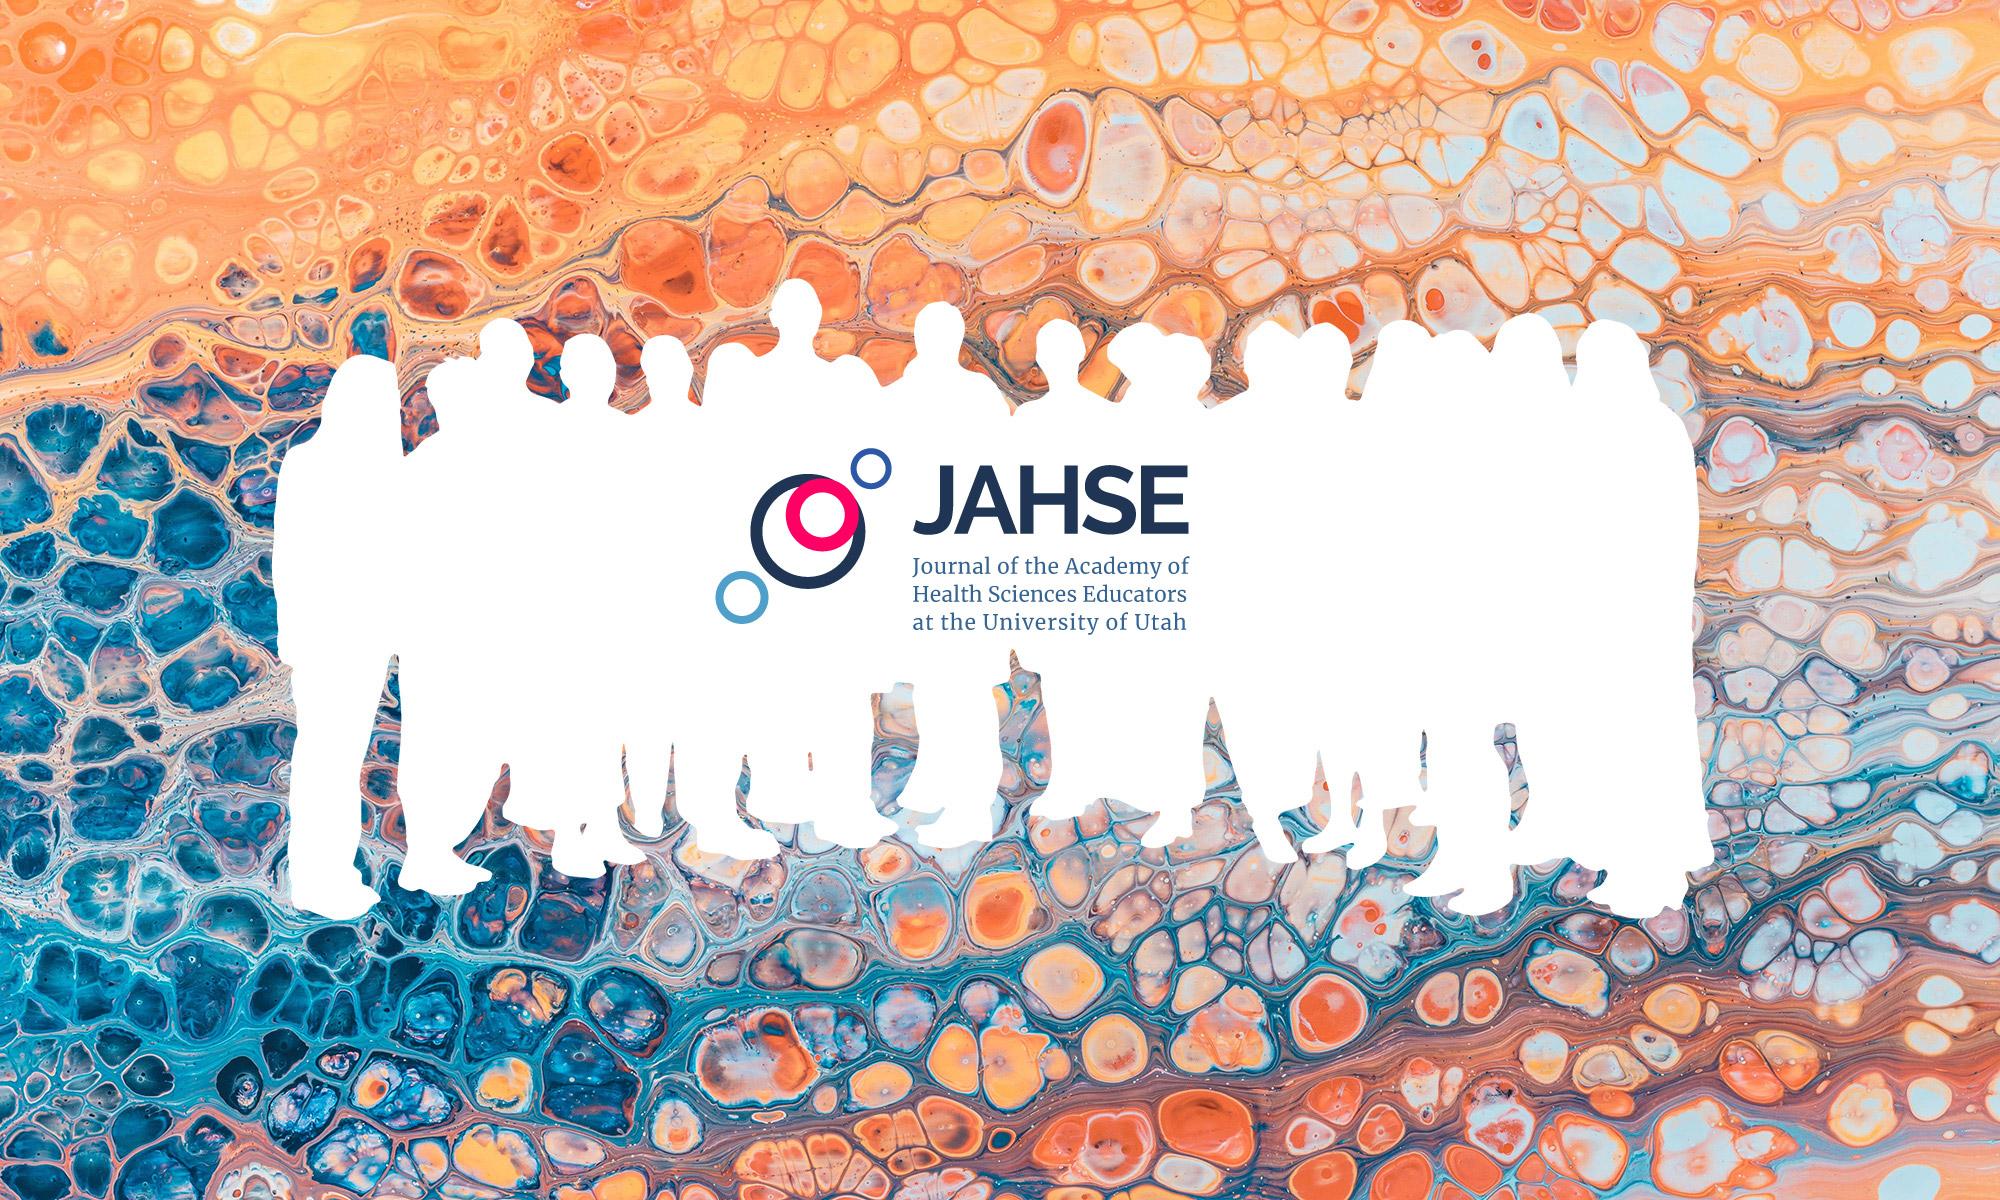 JAHSE